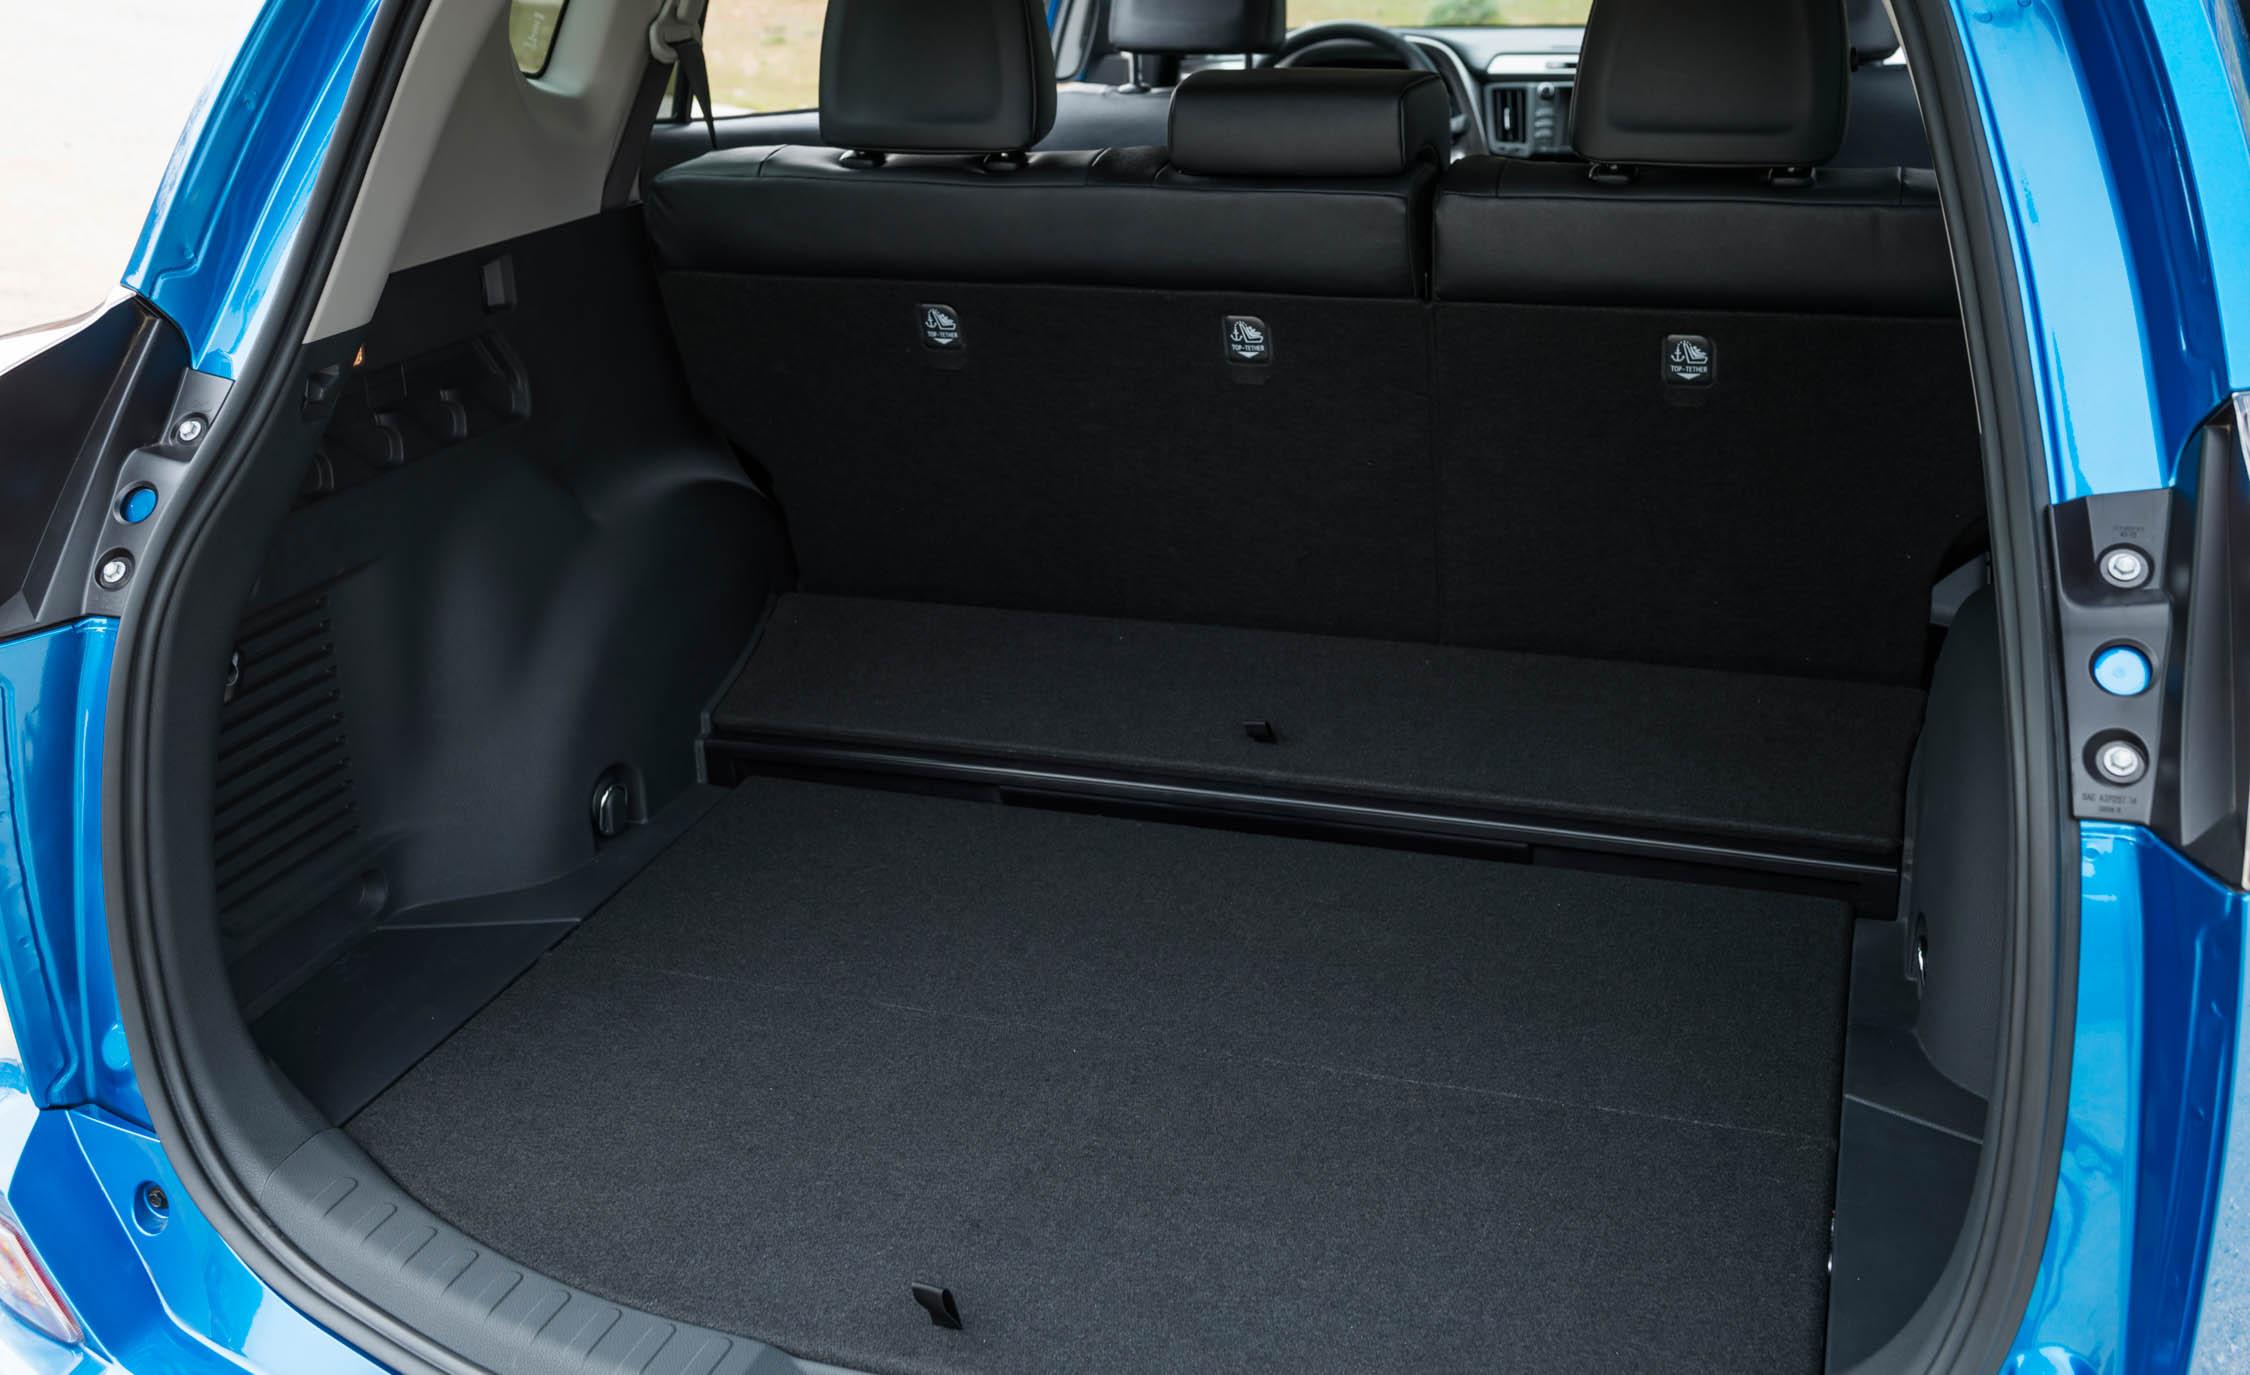 2016 Toyota RAV4 Hybrid Interior Cargo Space